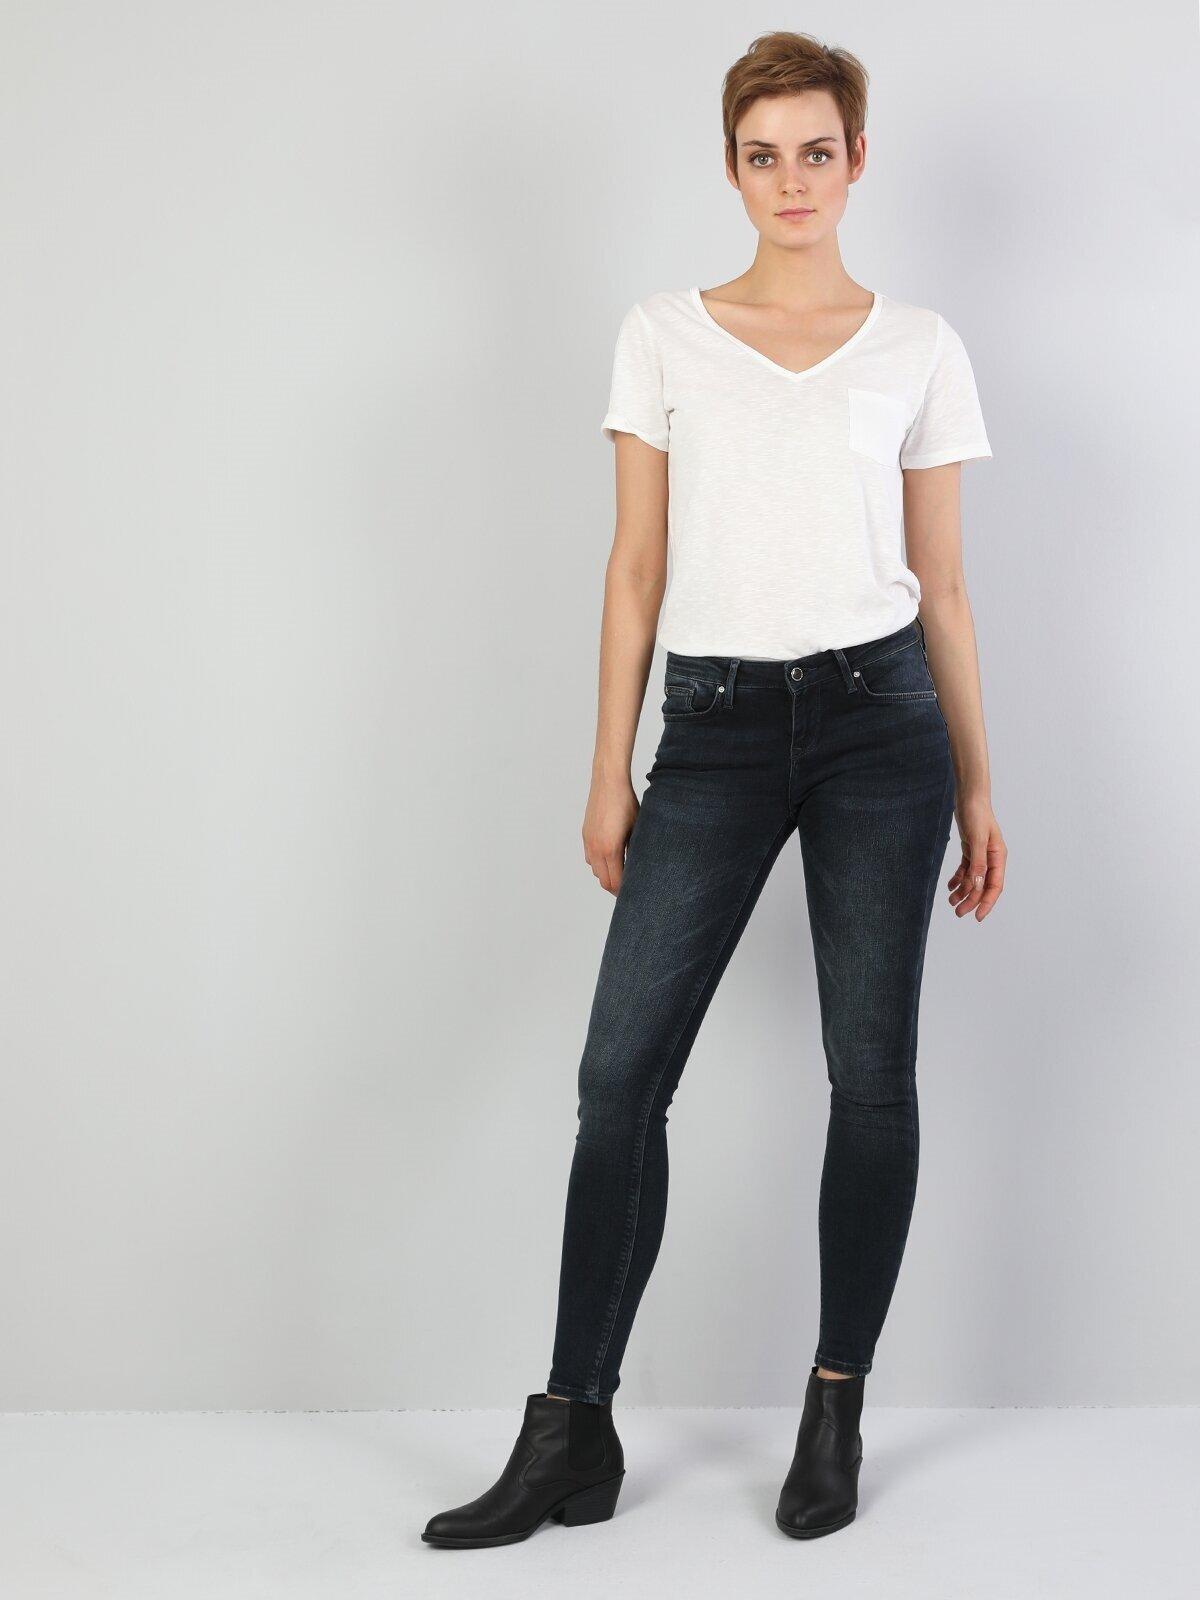 757 Sally Süper Düşük Bel Dar Paça Super Slim Fit Koyu Mavi Kadın Jean Pantolon